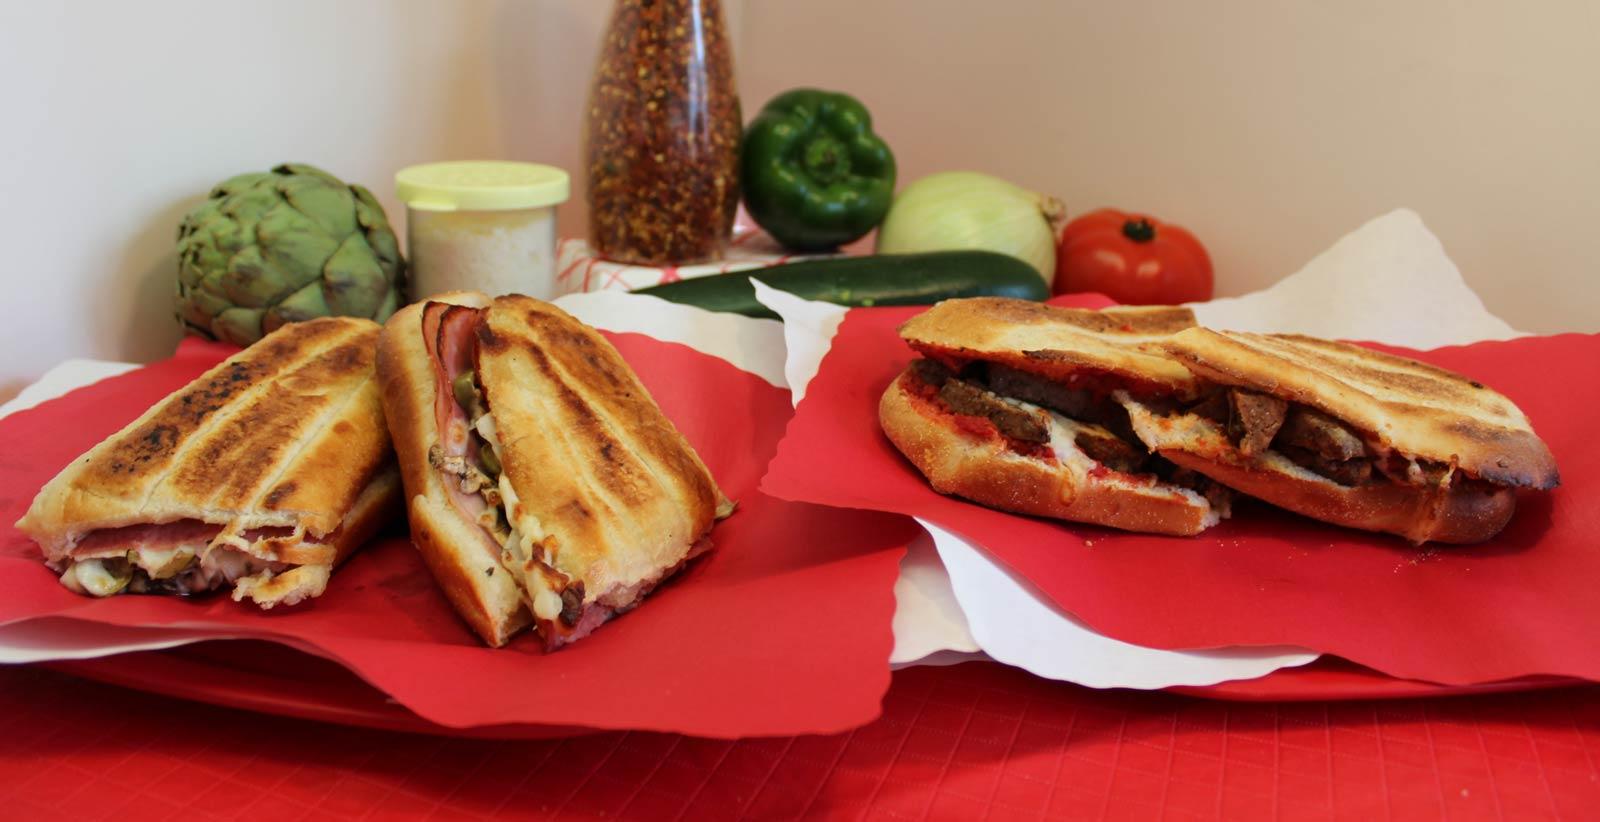 italian-sub-sandwiches-portage-mi